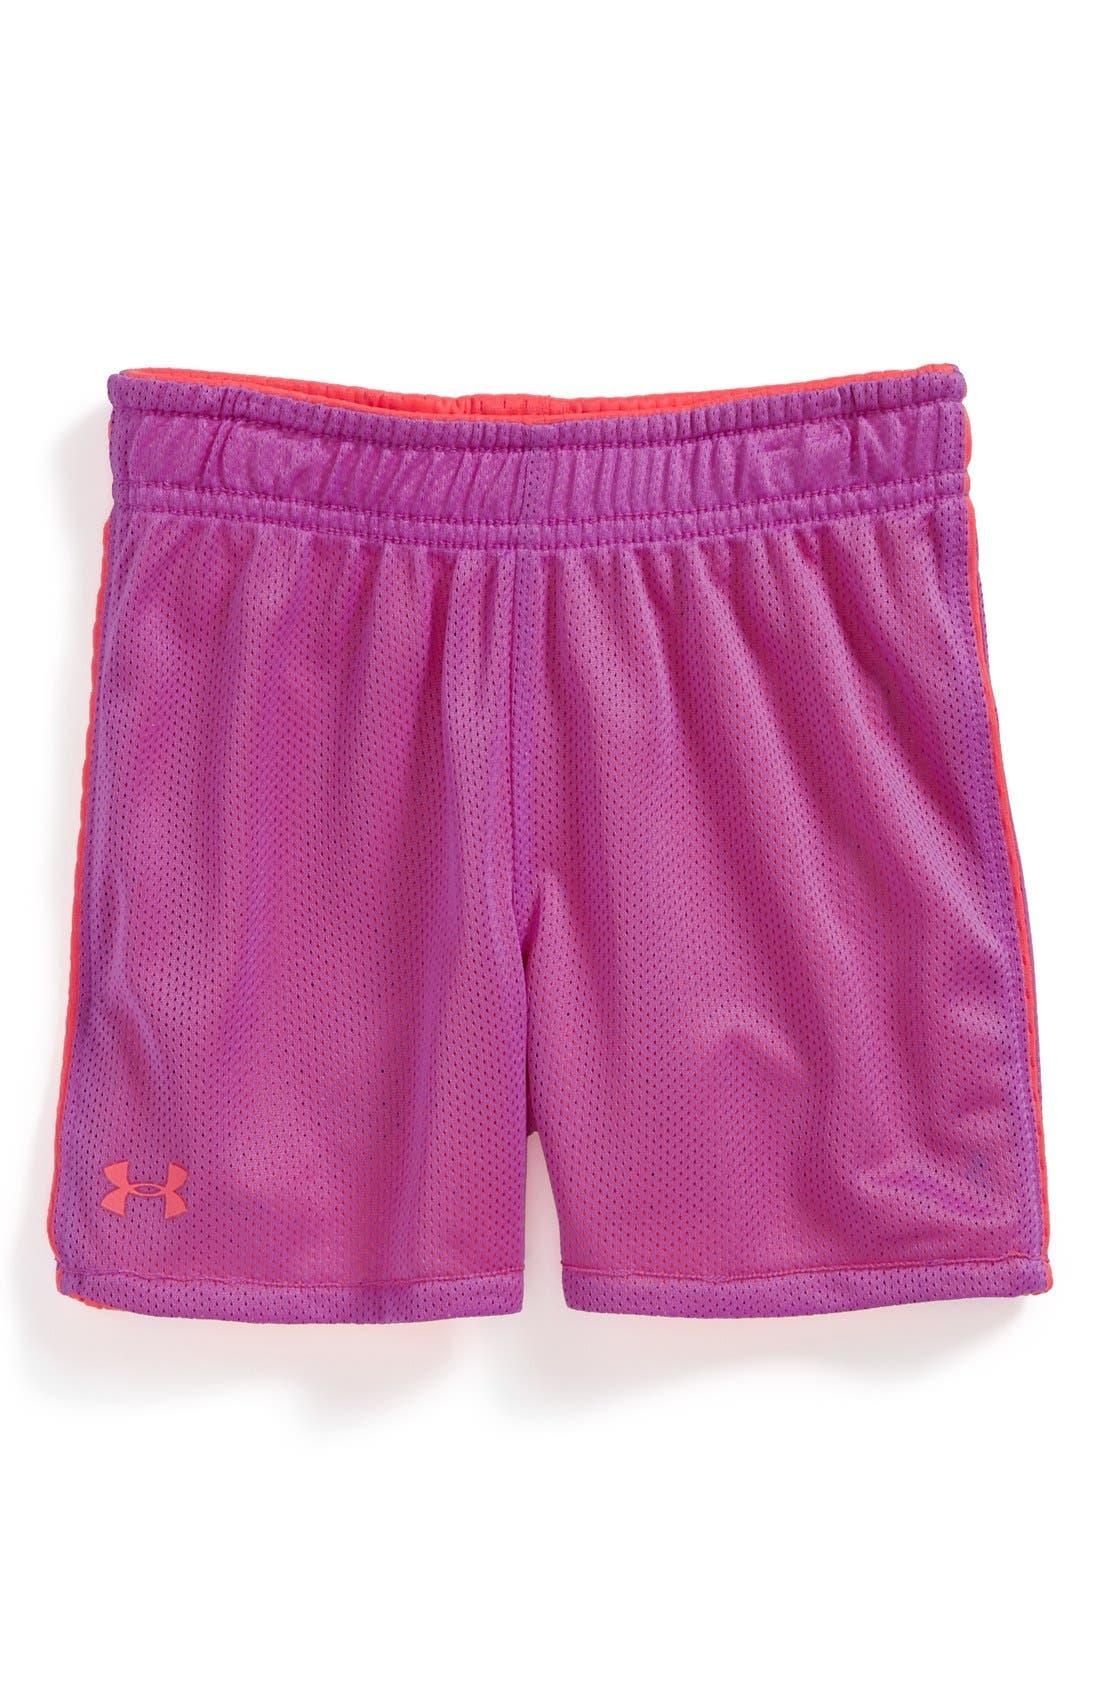 Alternate Image 2  - Under Armour Reversible Mesh Shorts (Toddler Girls)